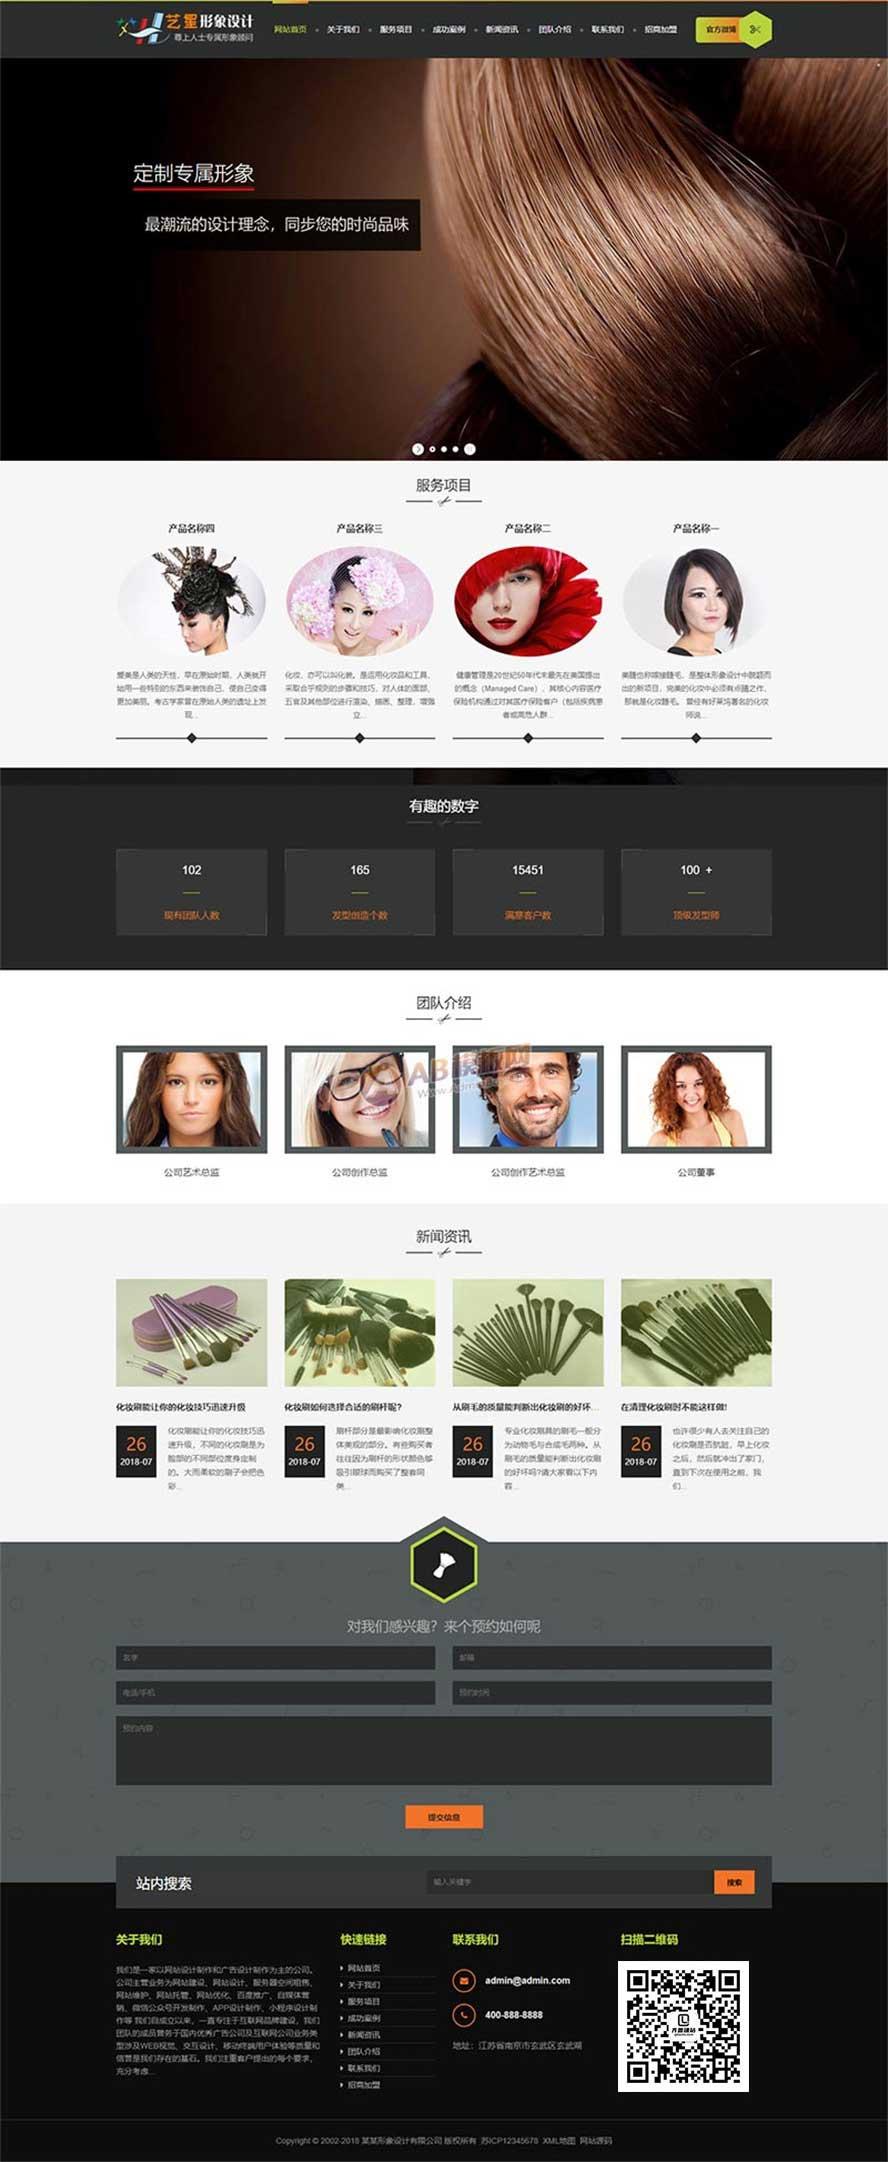 响应式形象设计发型设计美容美发美妆彩妆网站源码